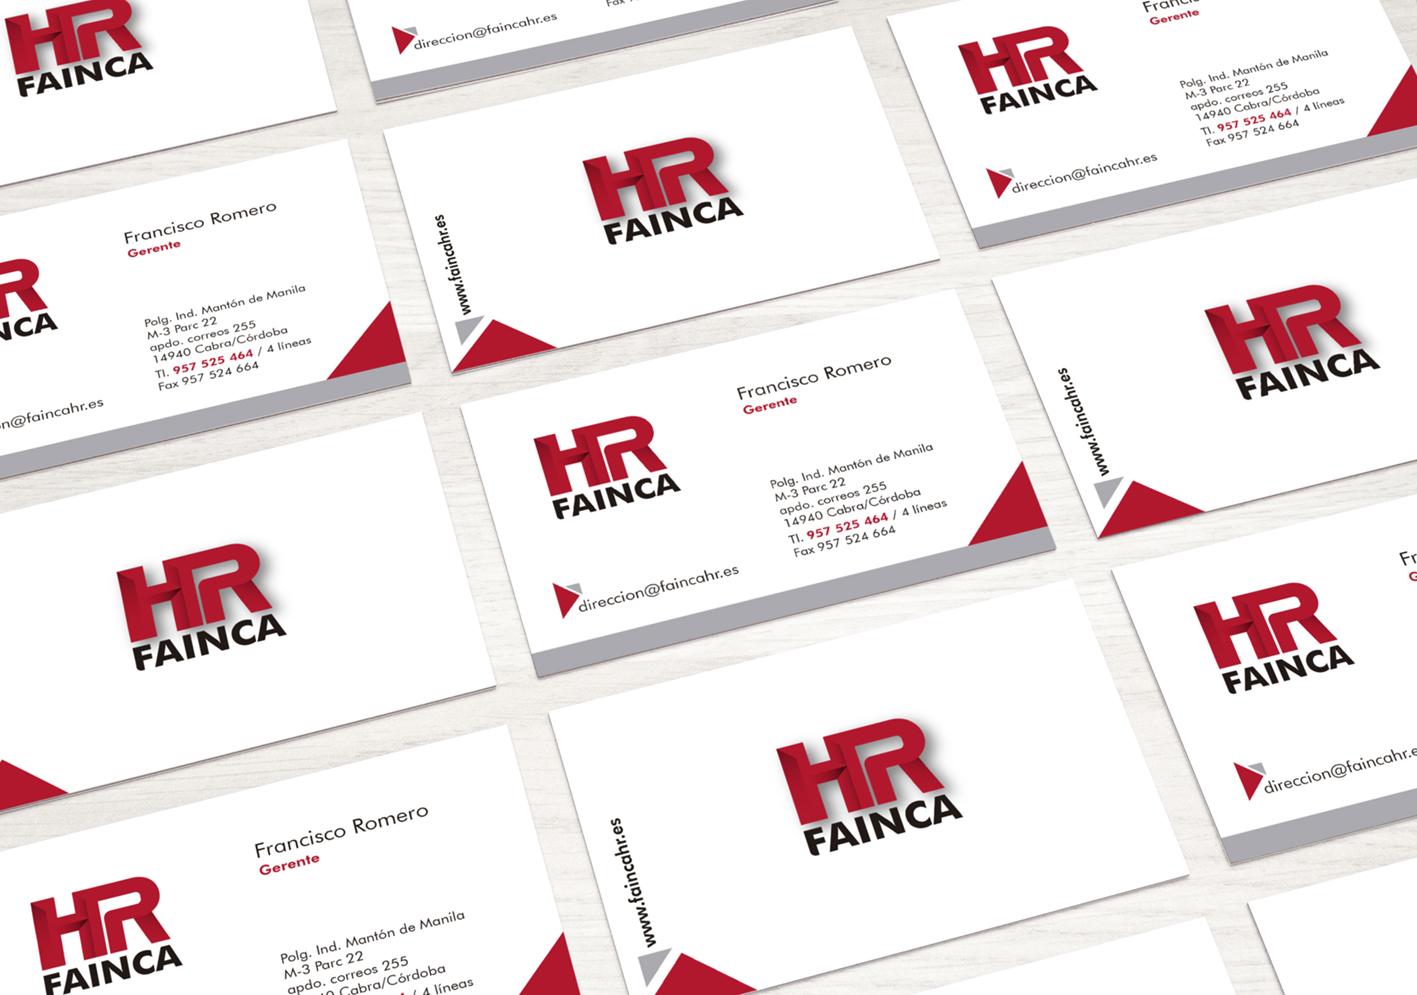 Tarjetas visita HR Fainca